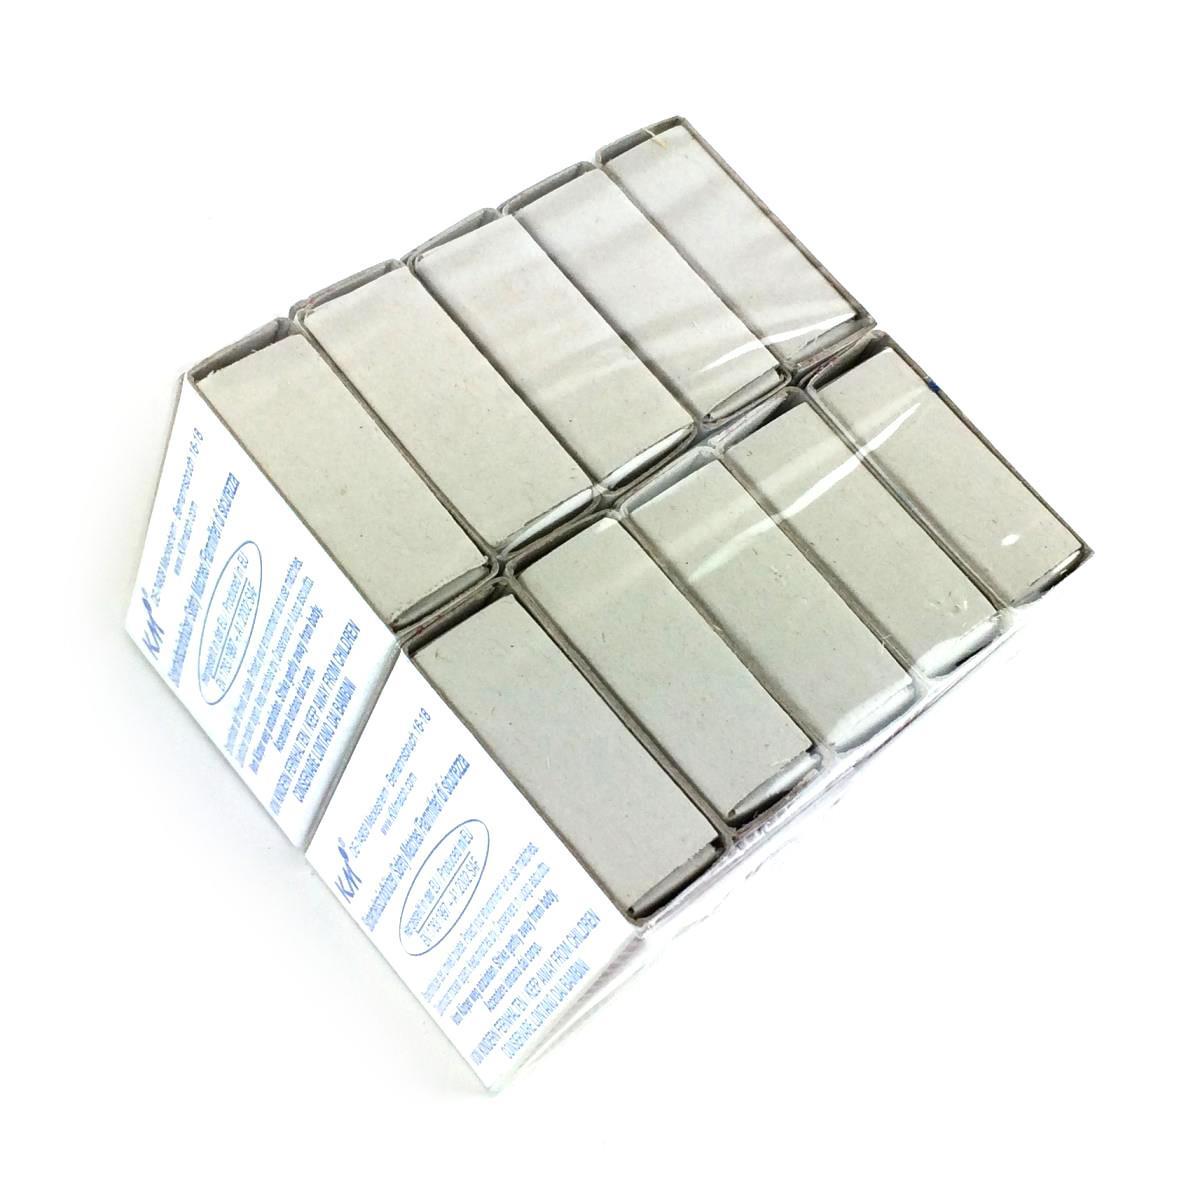 110 Schachteln Europa Streichhölzer, Zündhölzer, Zündholzschachtel,KM Zündholz International ,4004753000504, 0676424766640